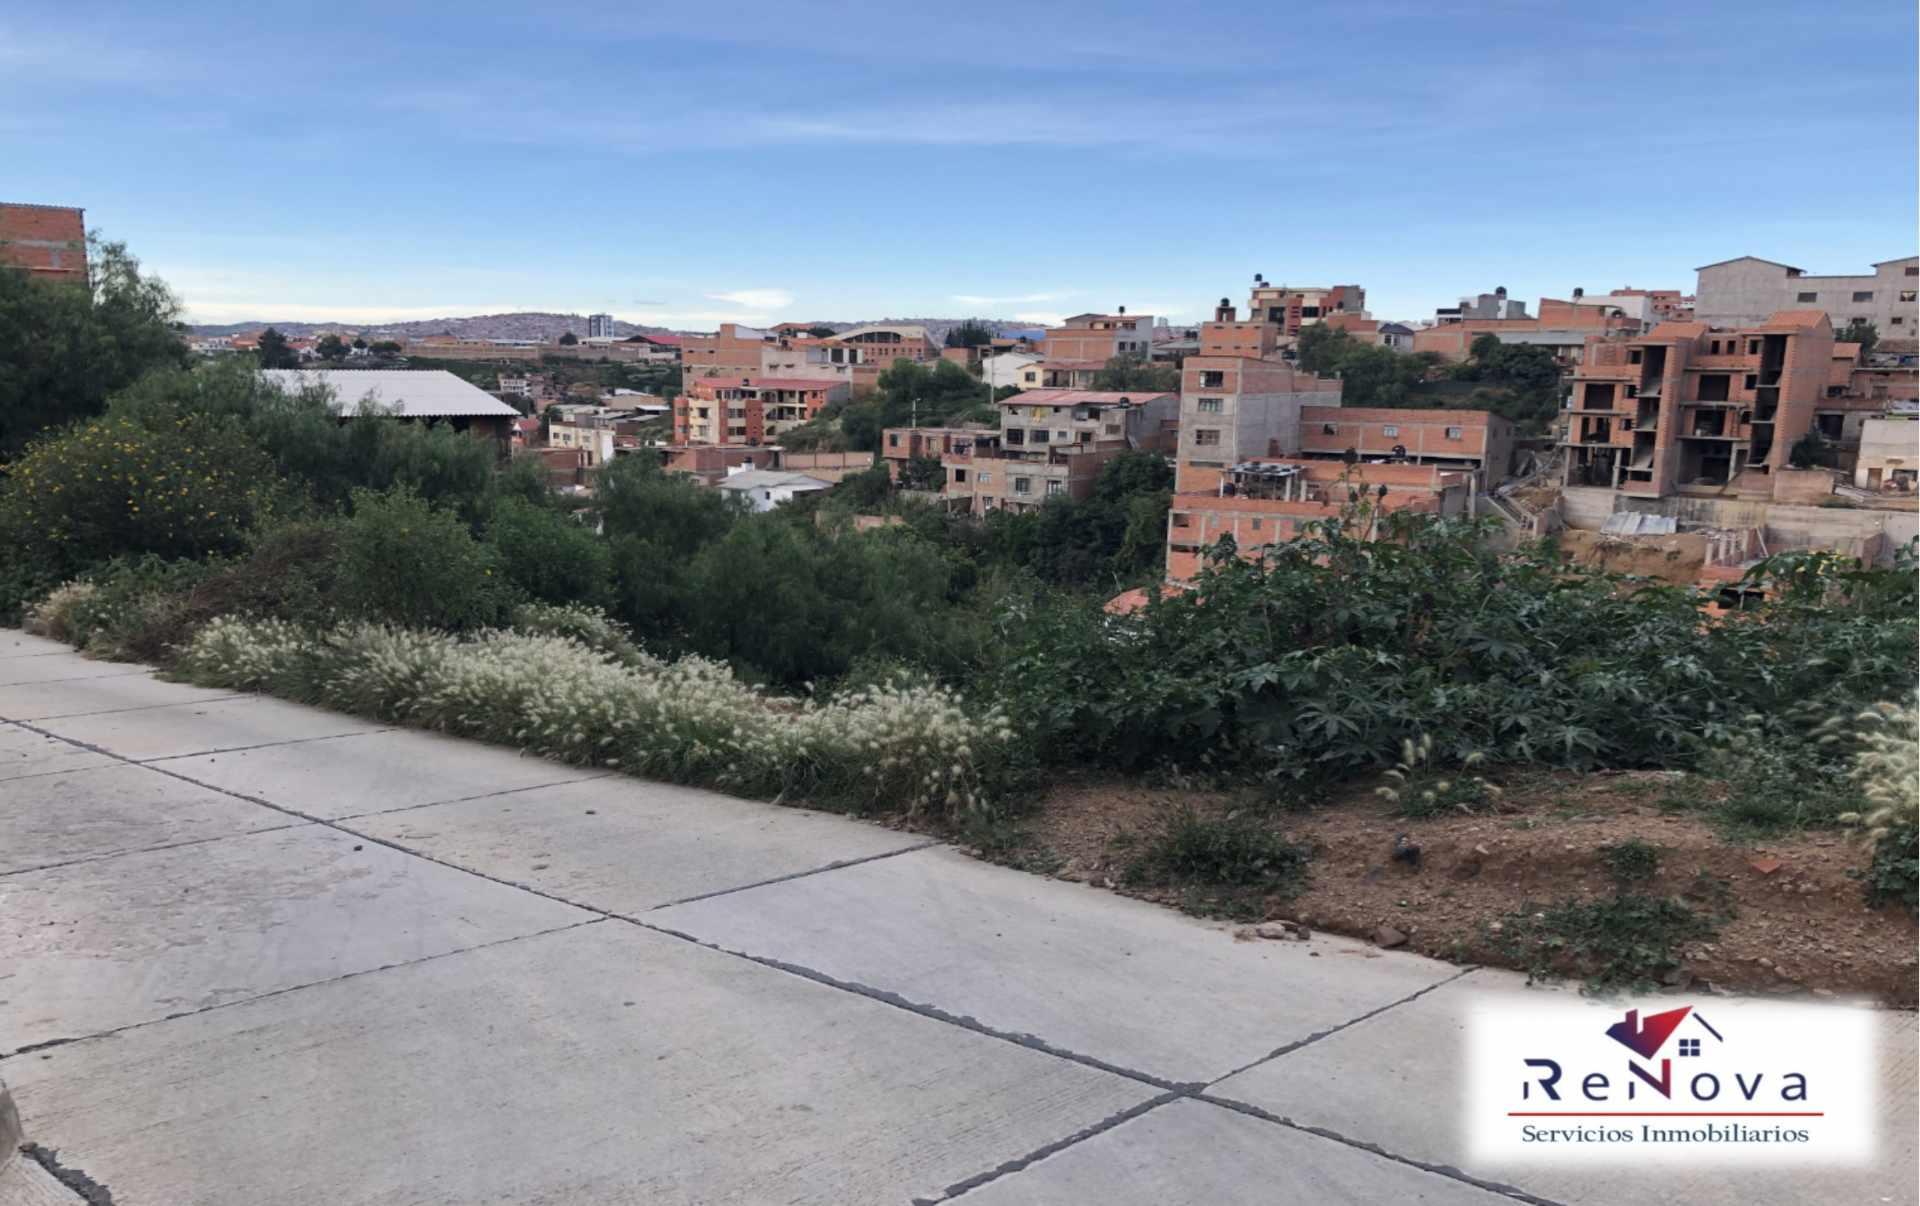 Terreno en Venta Barrio SENAC Calle Tolomosa Esq. Cañón Verde Foto 1